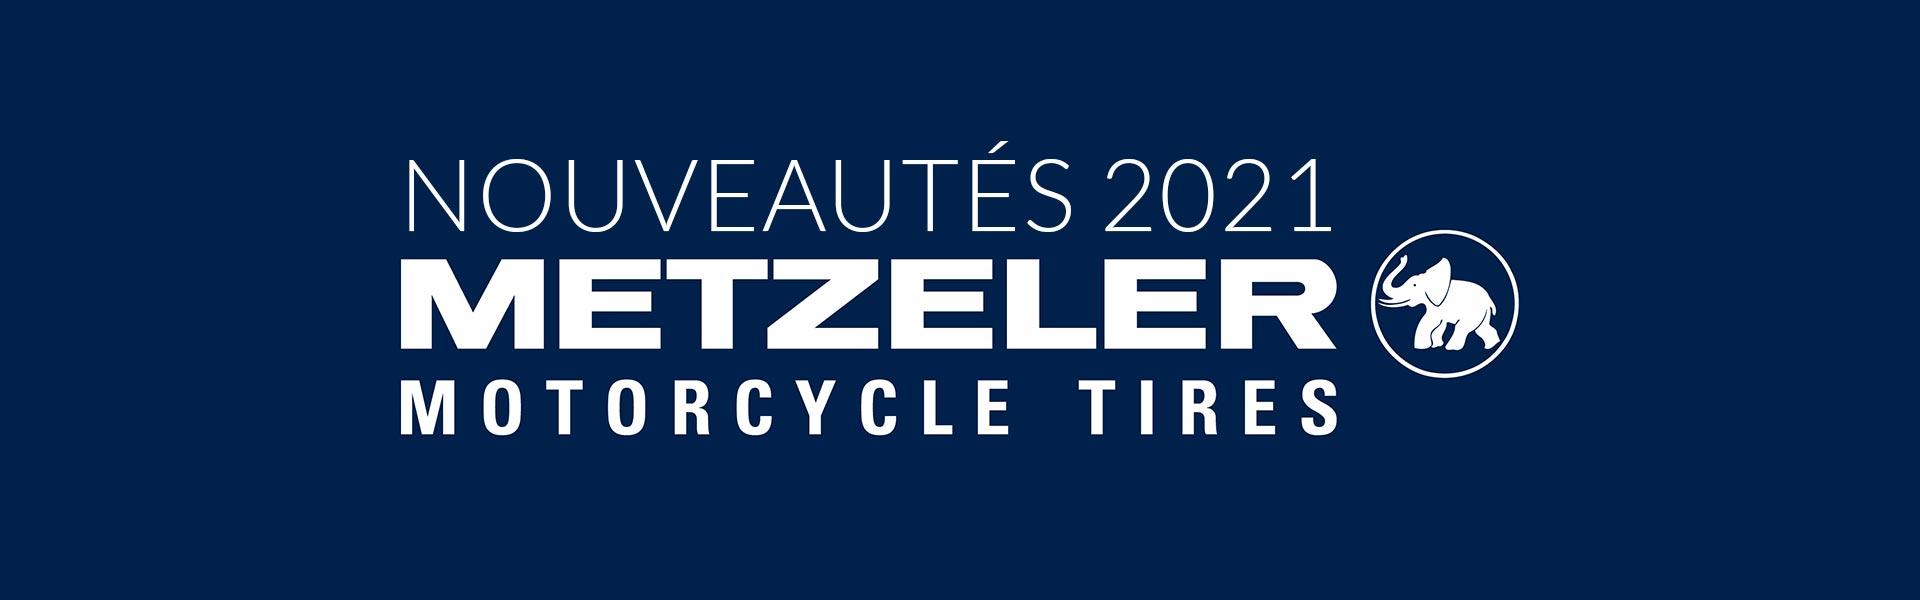 Nouveautés Metzeler 2021, d'importantes innovations technologiques